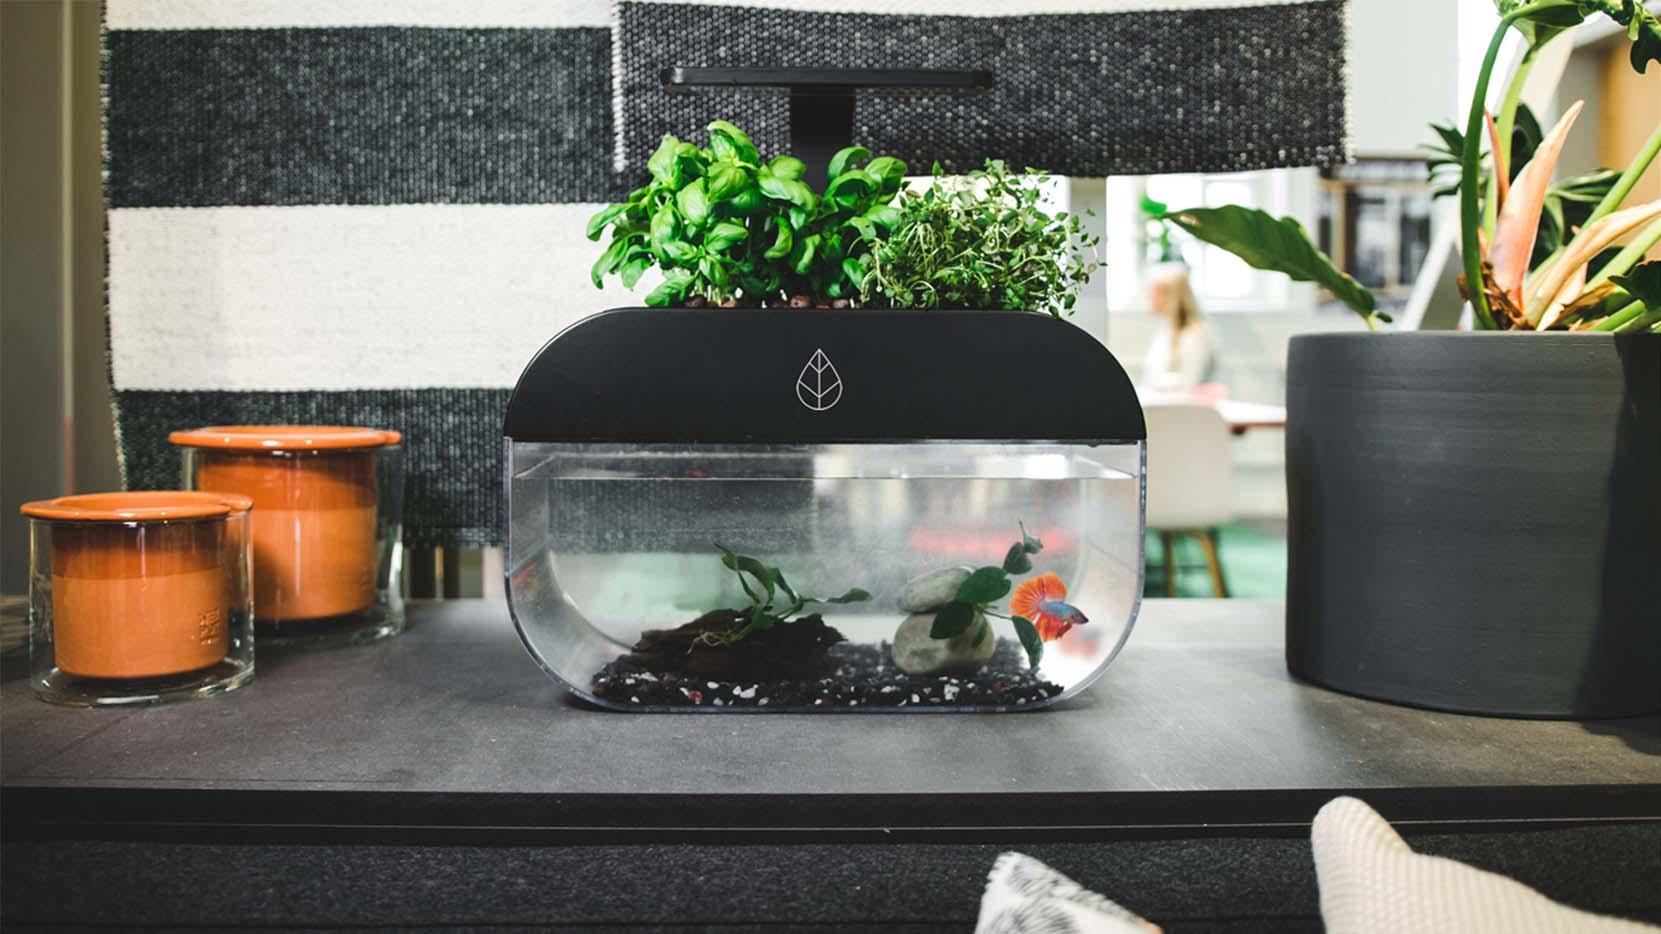 Das ist mehr als nur ein Aquarium. (Foto: Ecobloom)